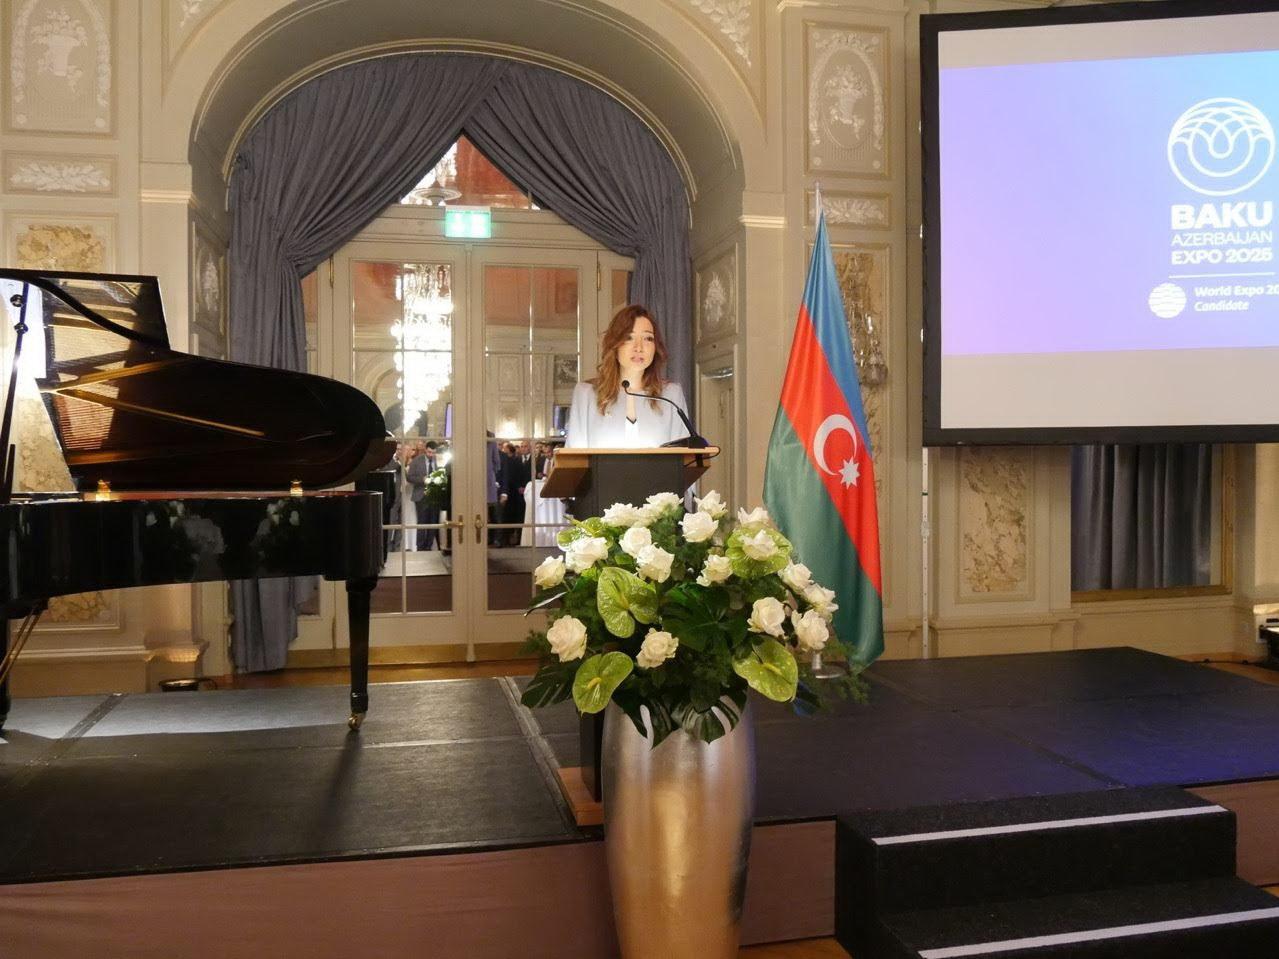 В Берне состоялась презентация Баку как кандидата на проведение Всемирной выставки «Ехро 2025»- ФОТО